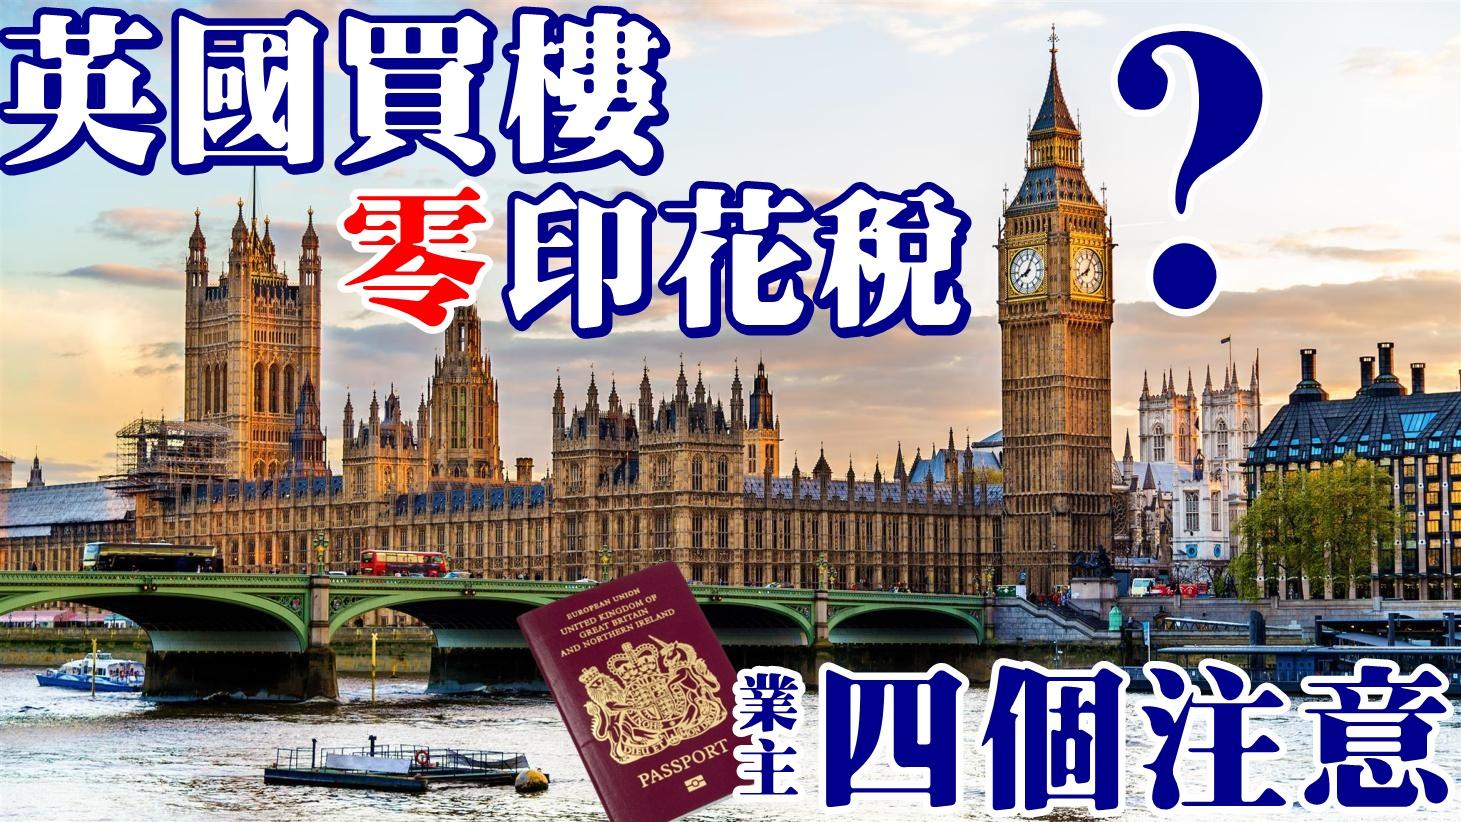 【英國買樓】£50萬以下「零」印花稅「4個注意」|即時新聞|繽FUN星網|on.cc東網